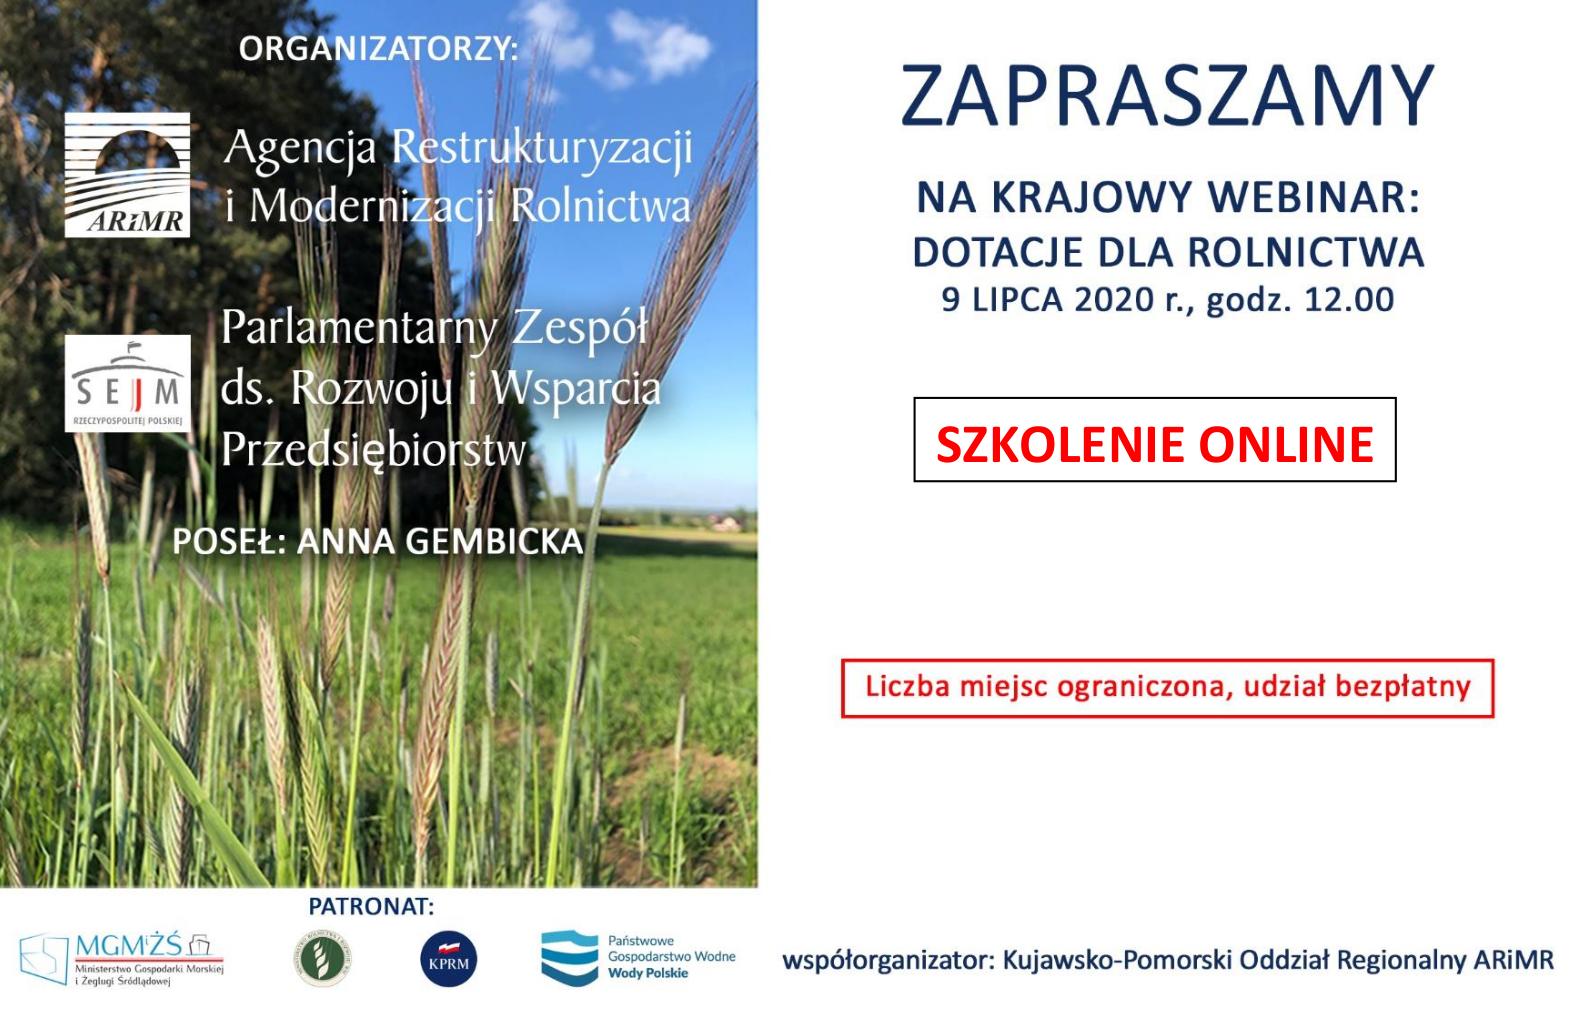 webinar dotacje dla rolnictwa